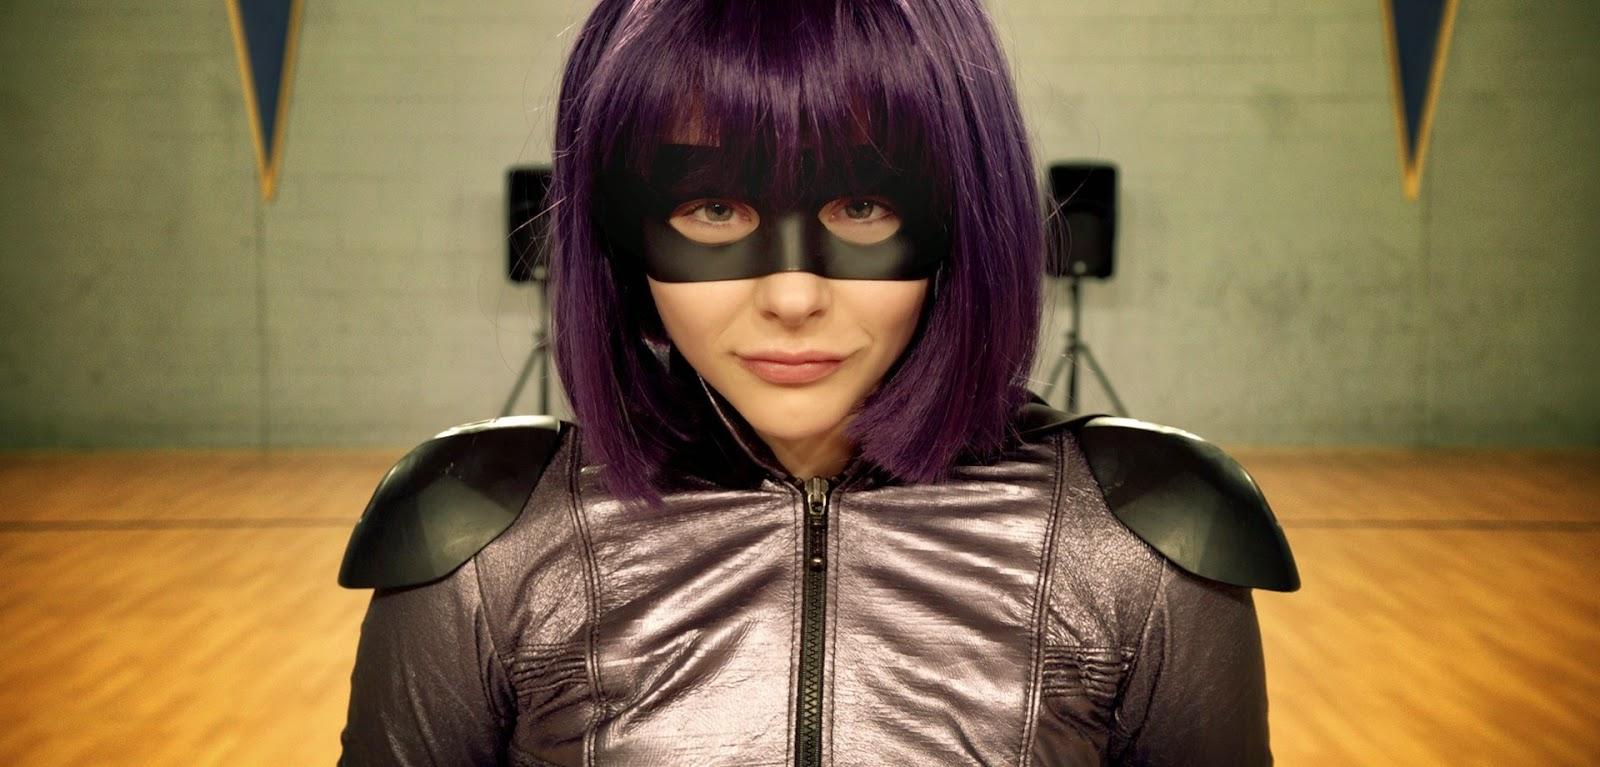 Chloe Moretz culpa pirataria por fracasso de Kick-Ass 2 & diz que o terceiro filme não irá acontecer